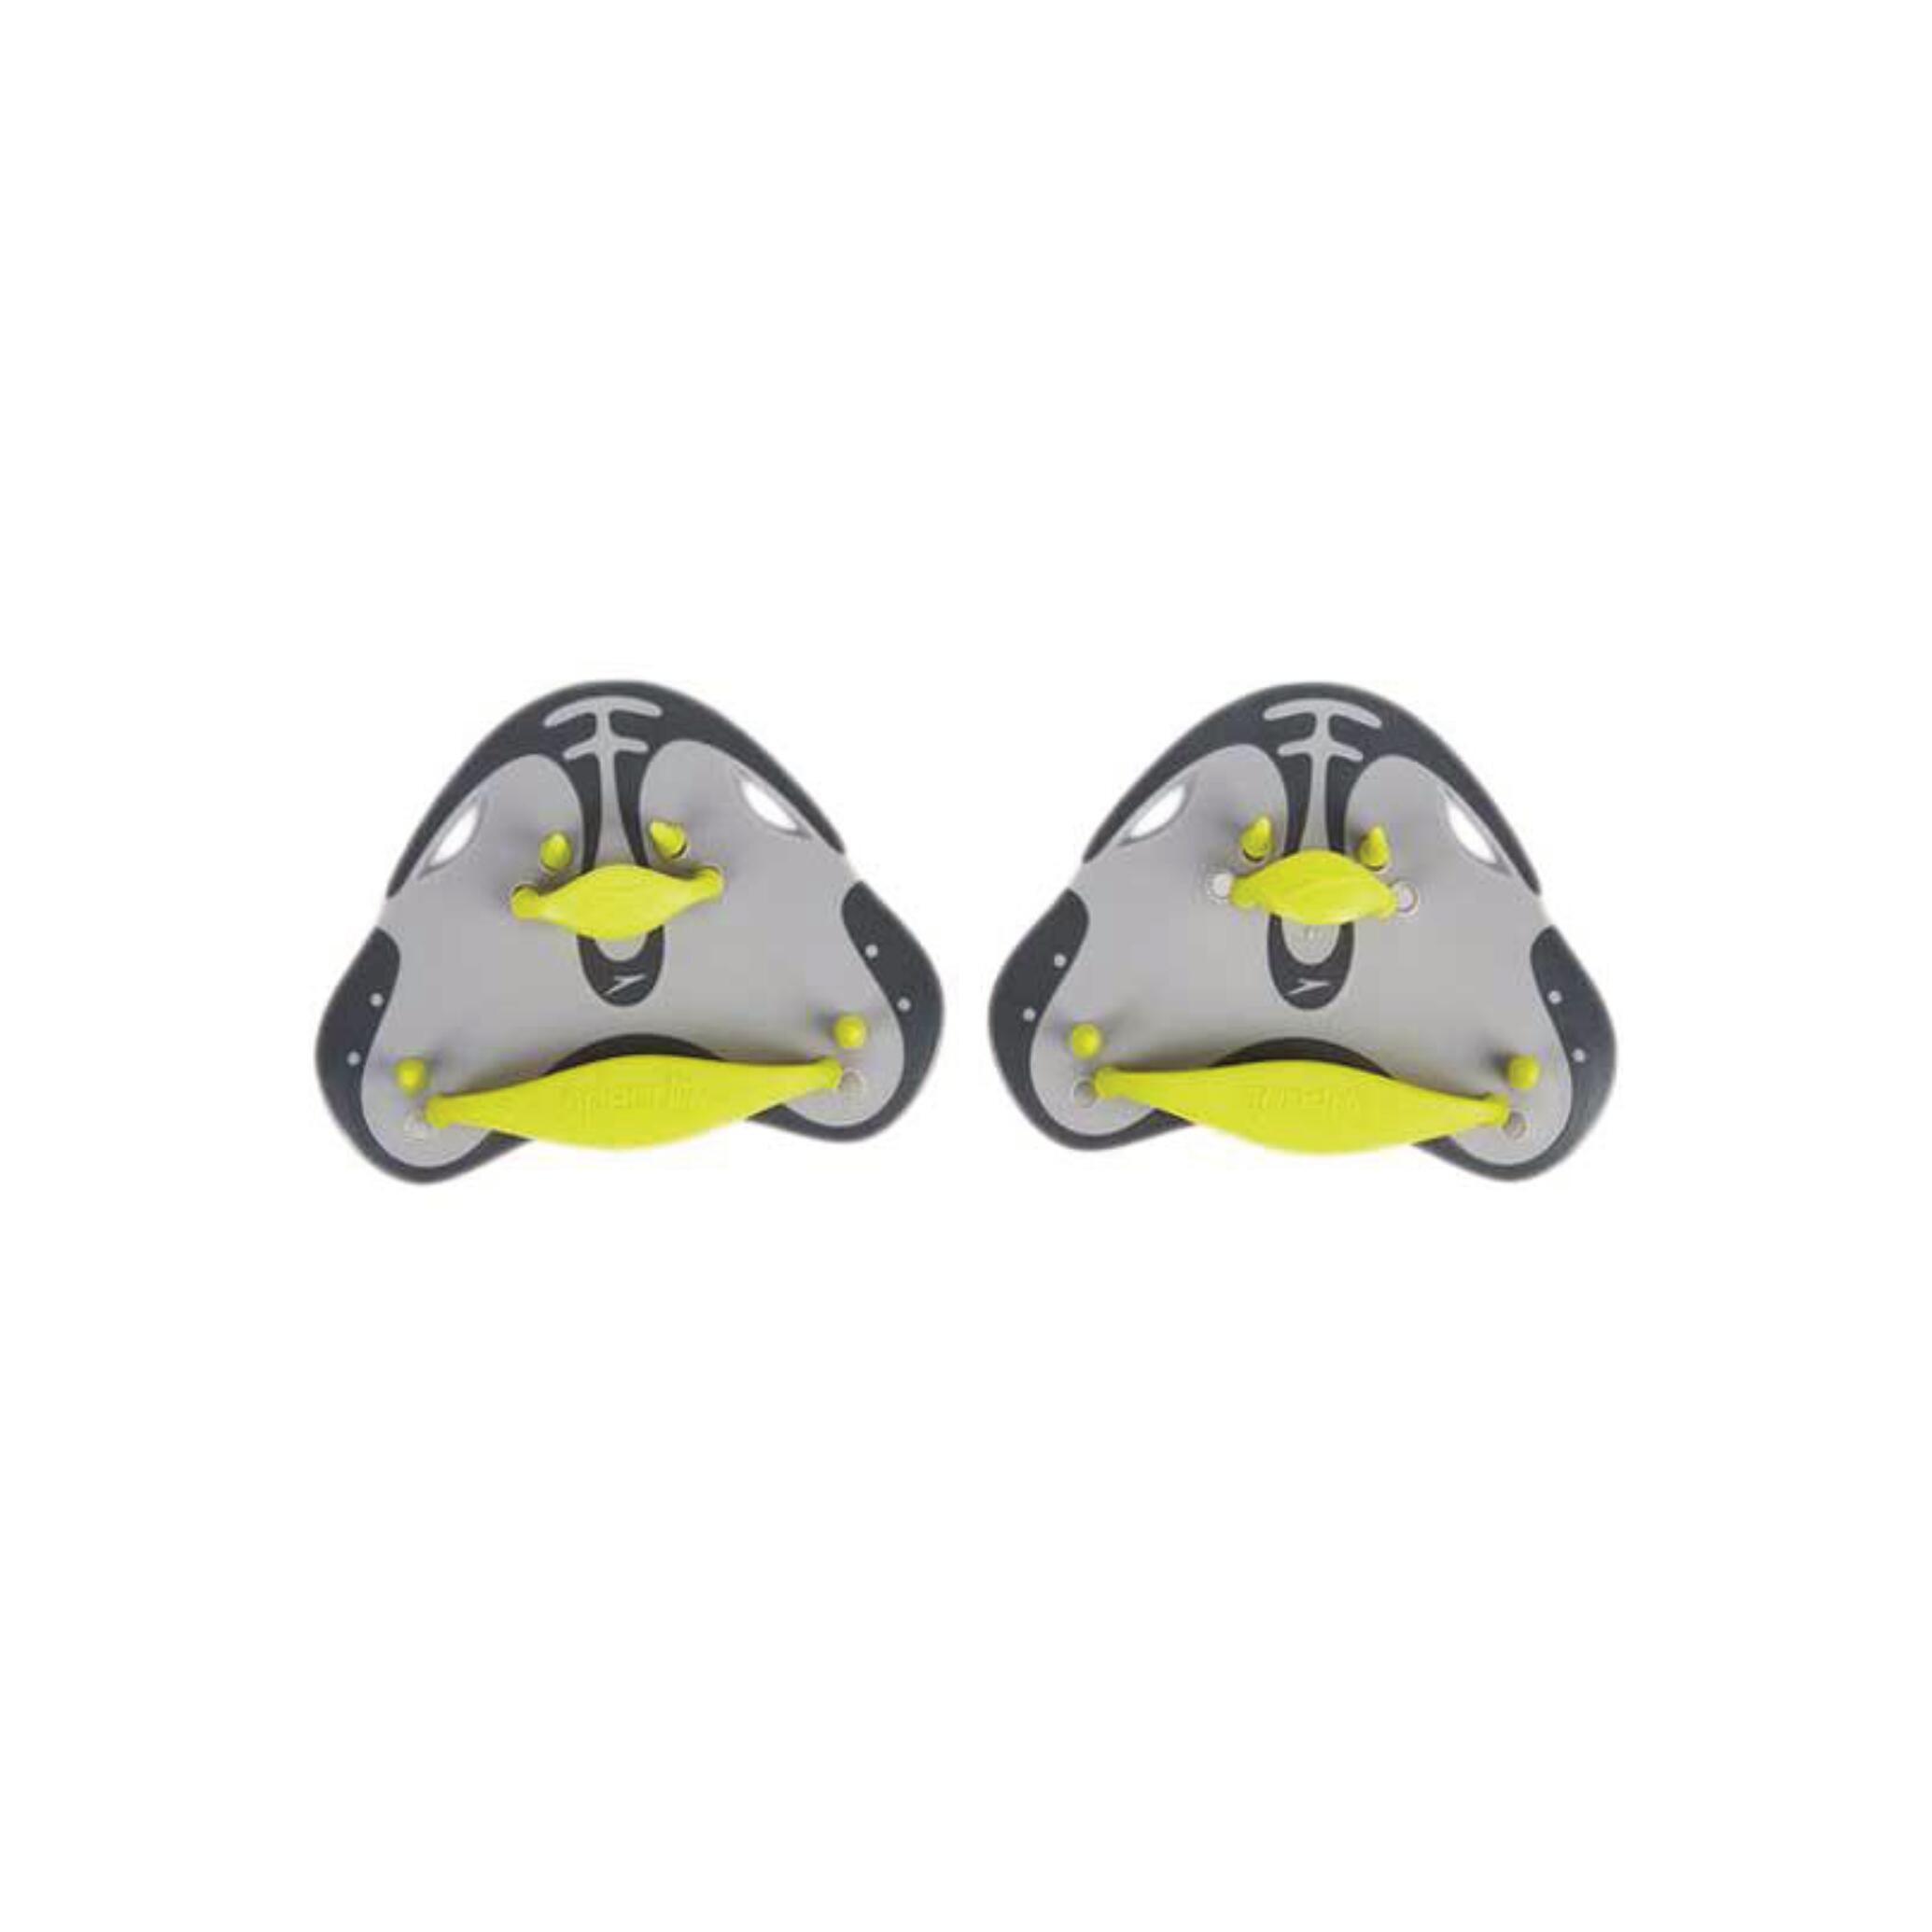 Speedo Finger paddle BioFuse groen/grijs kopen